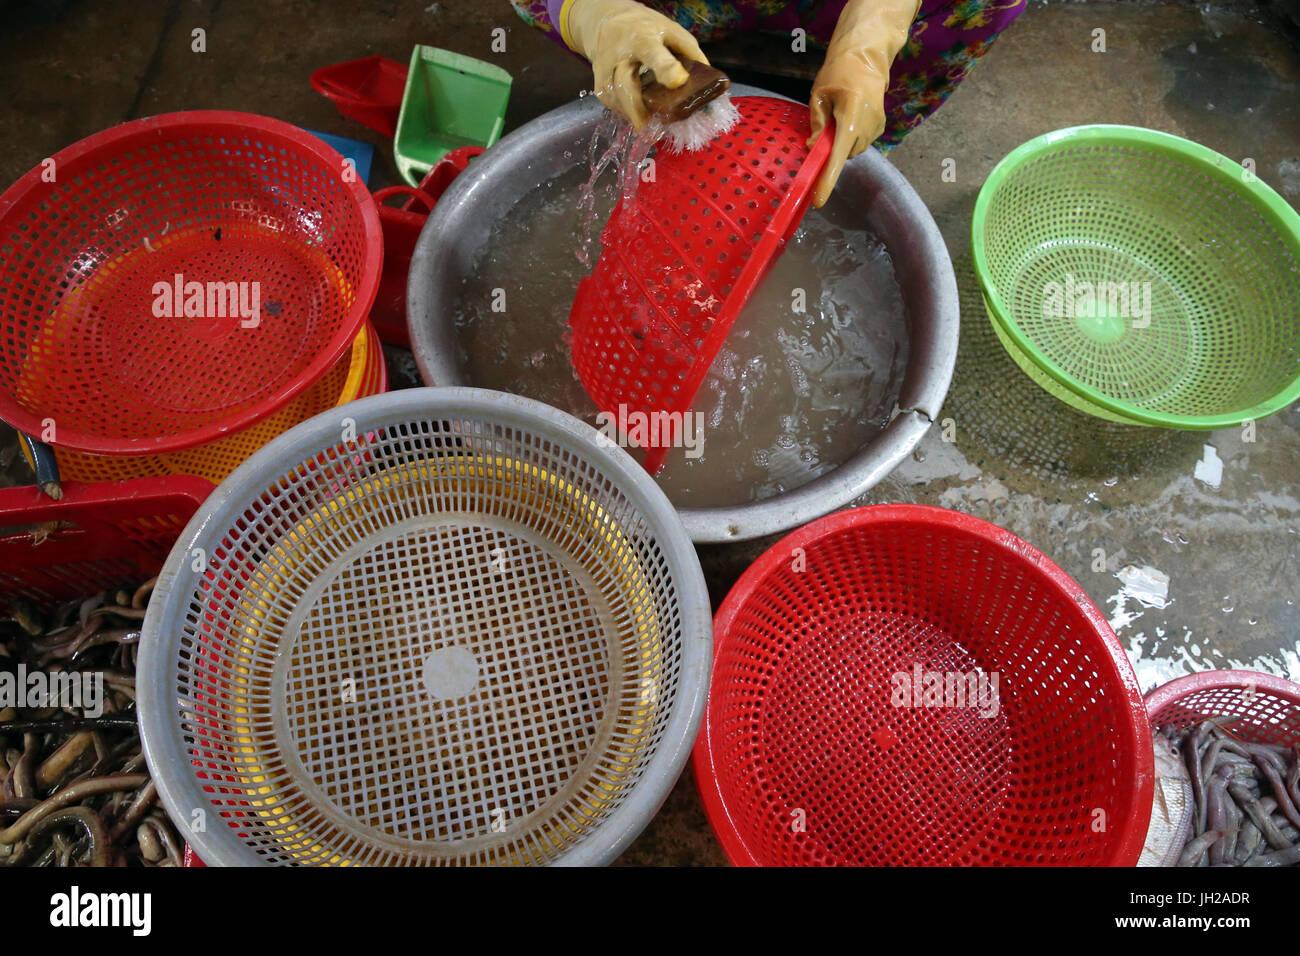 Donna di lavaggio cestini di plastica. Il Vietnam. Immagini Stock